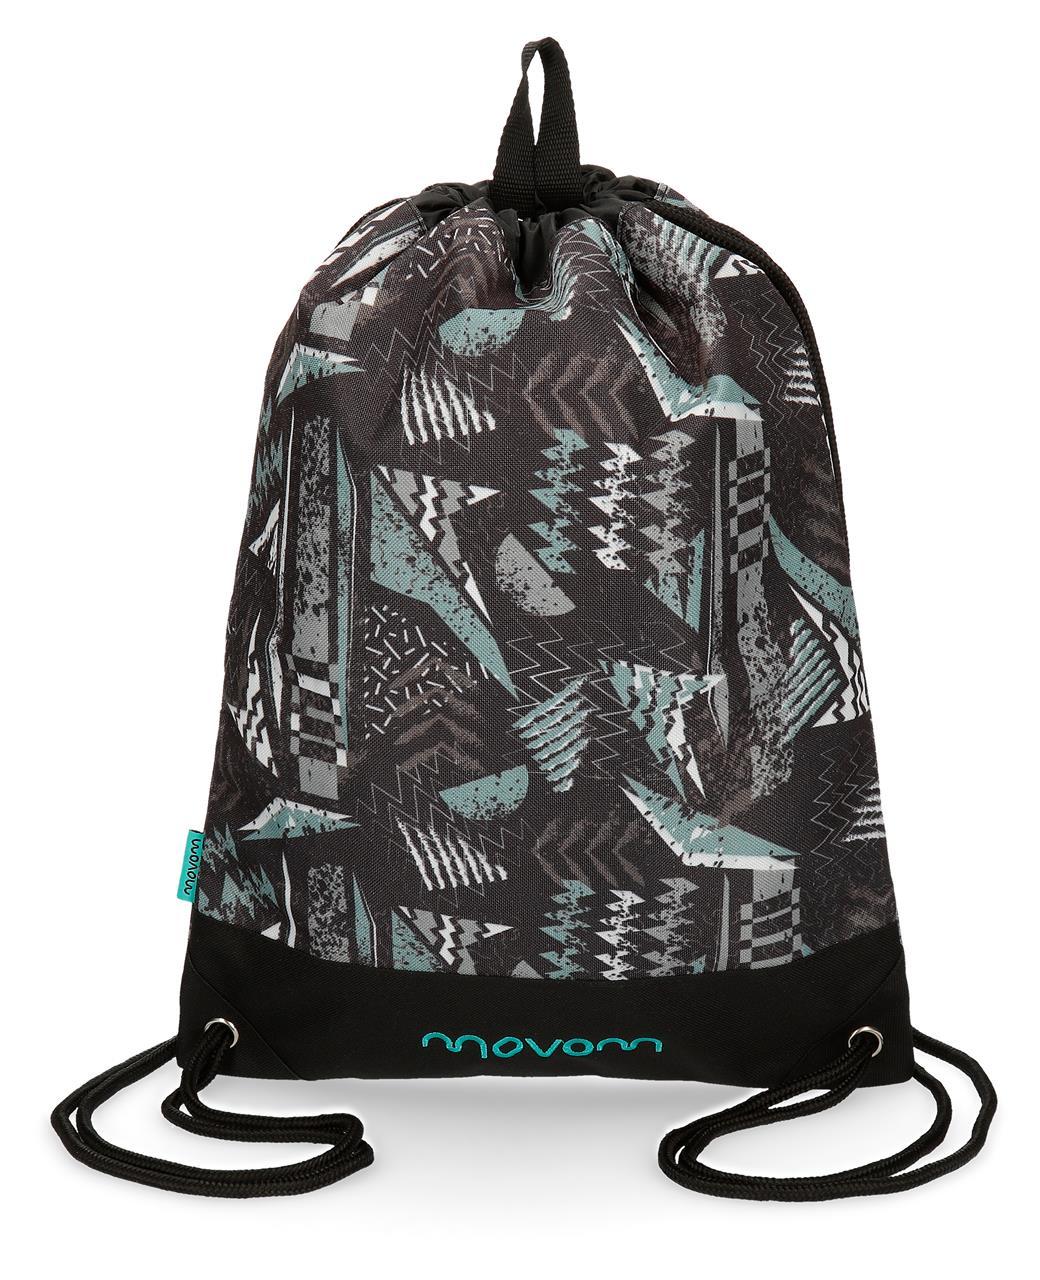 Мешок для сменной обуви Movom Arrow, черный